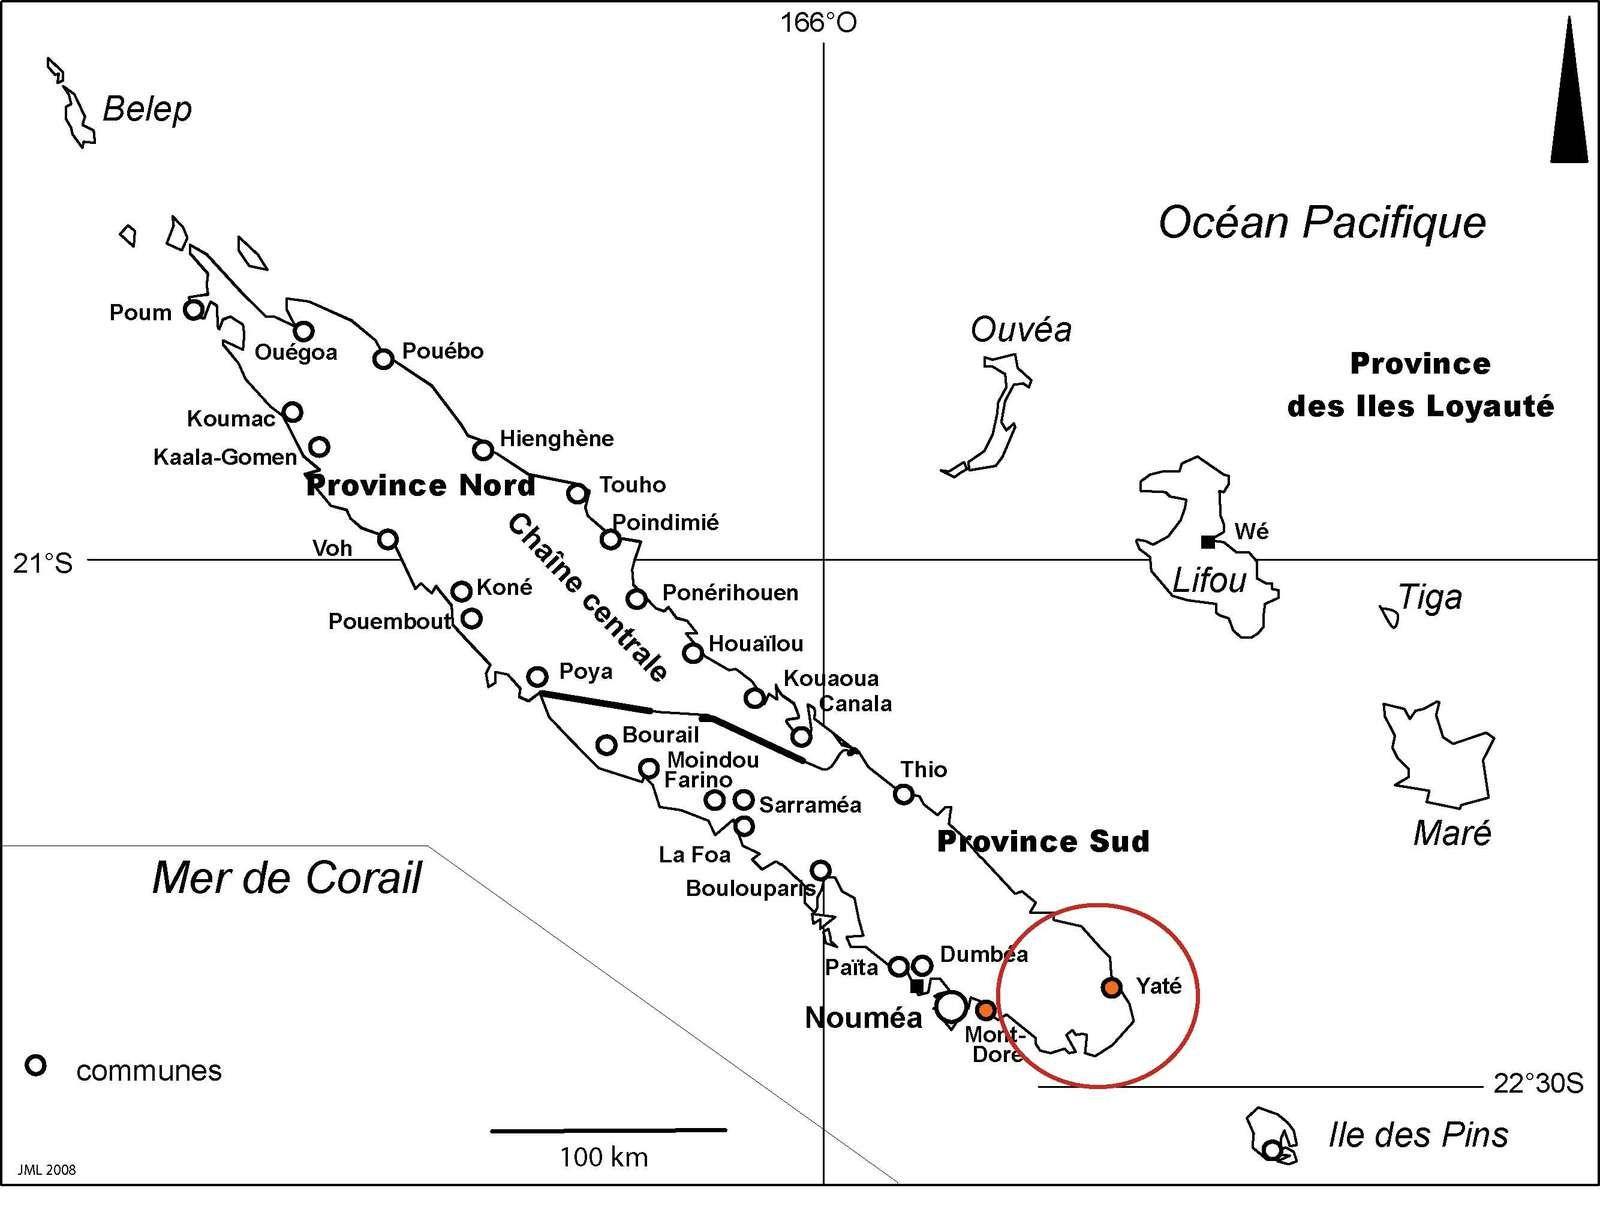 Le plus grand massif de péridotites s'étend  dans le Sud